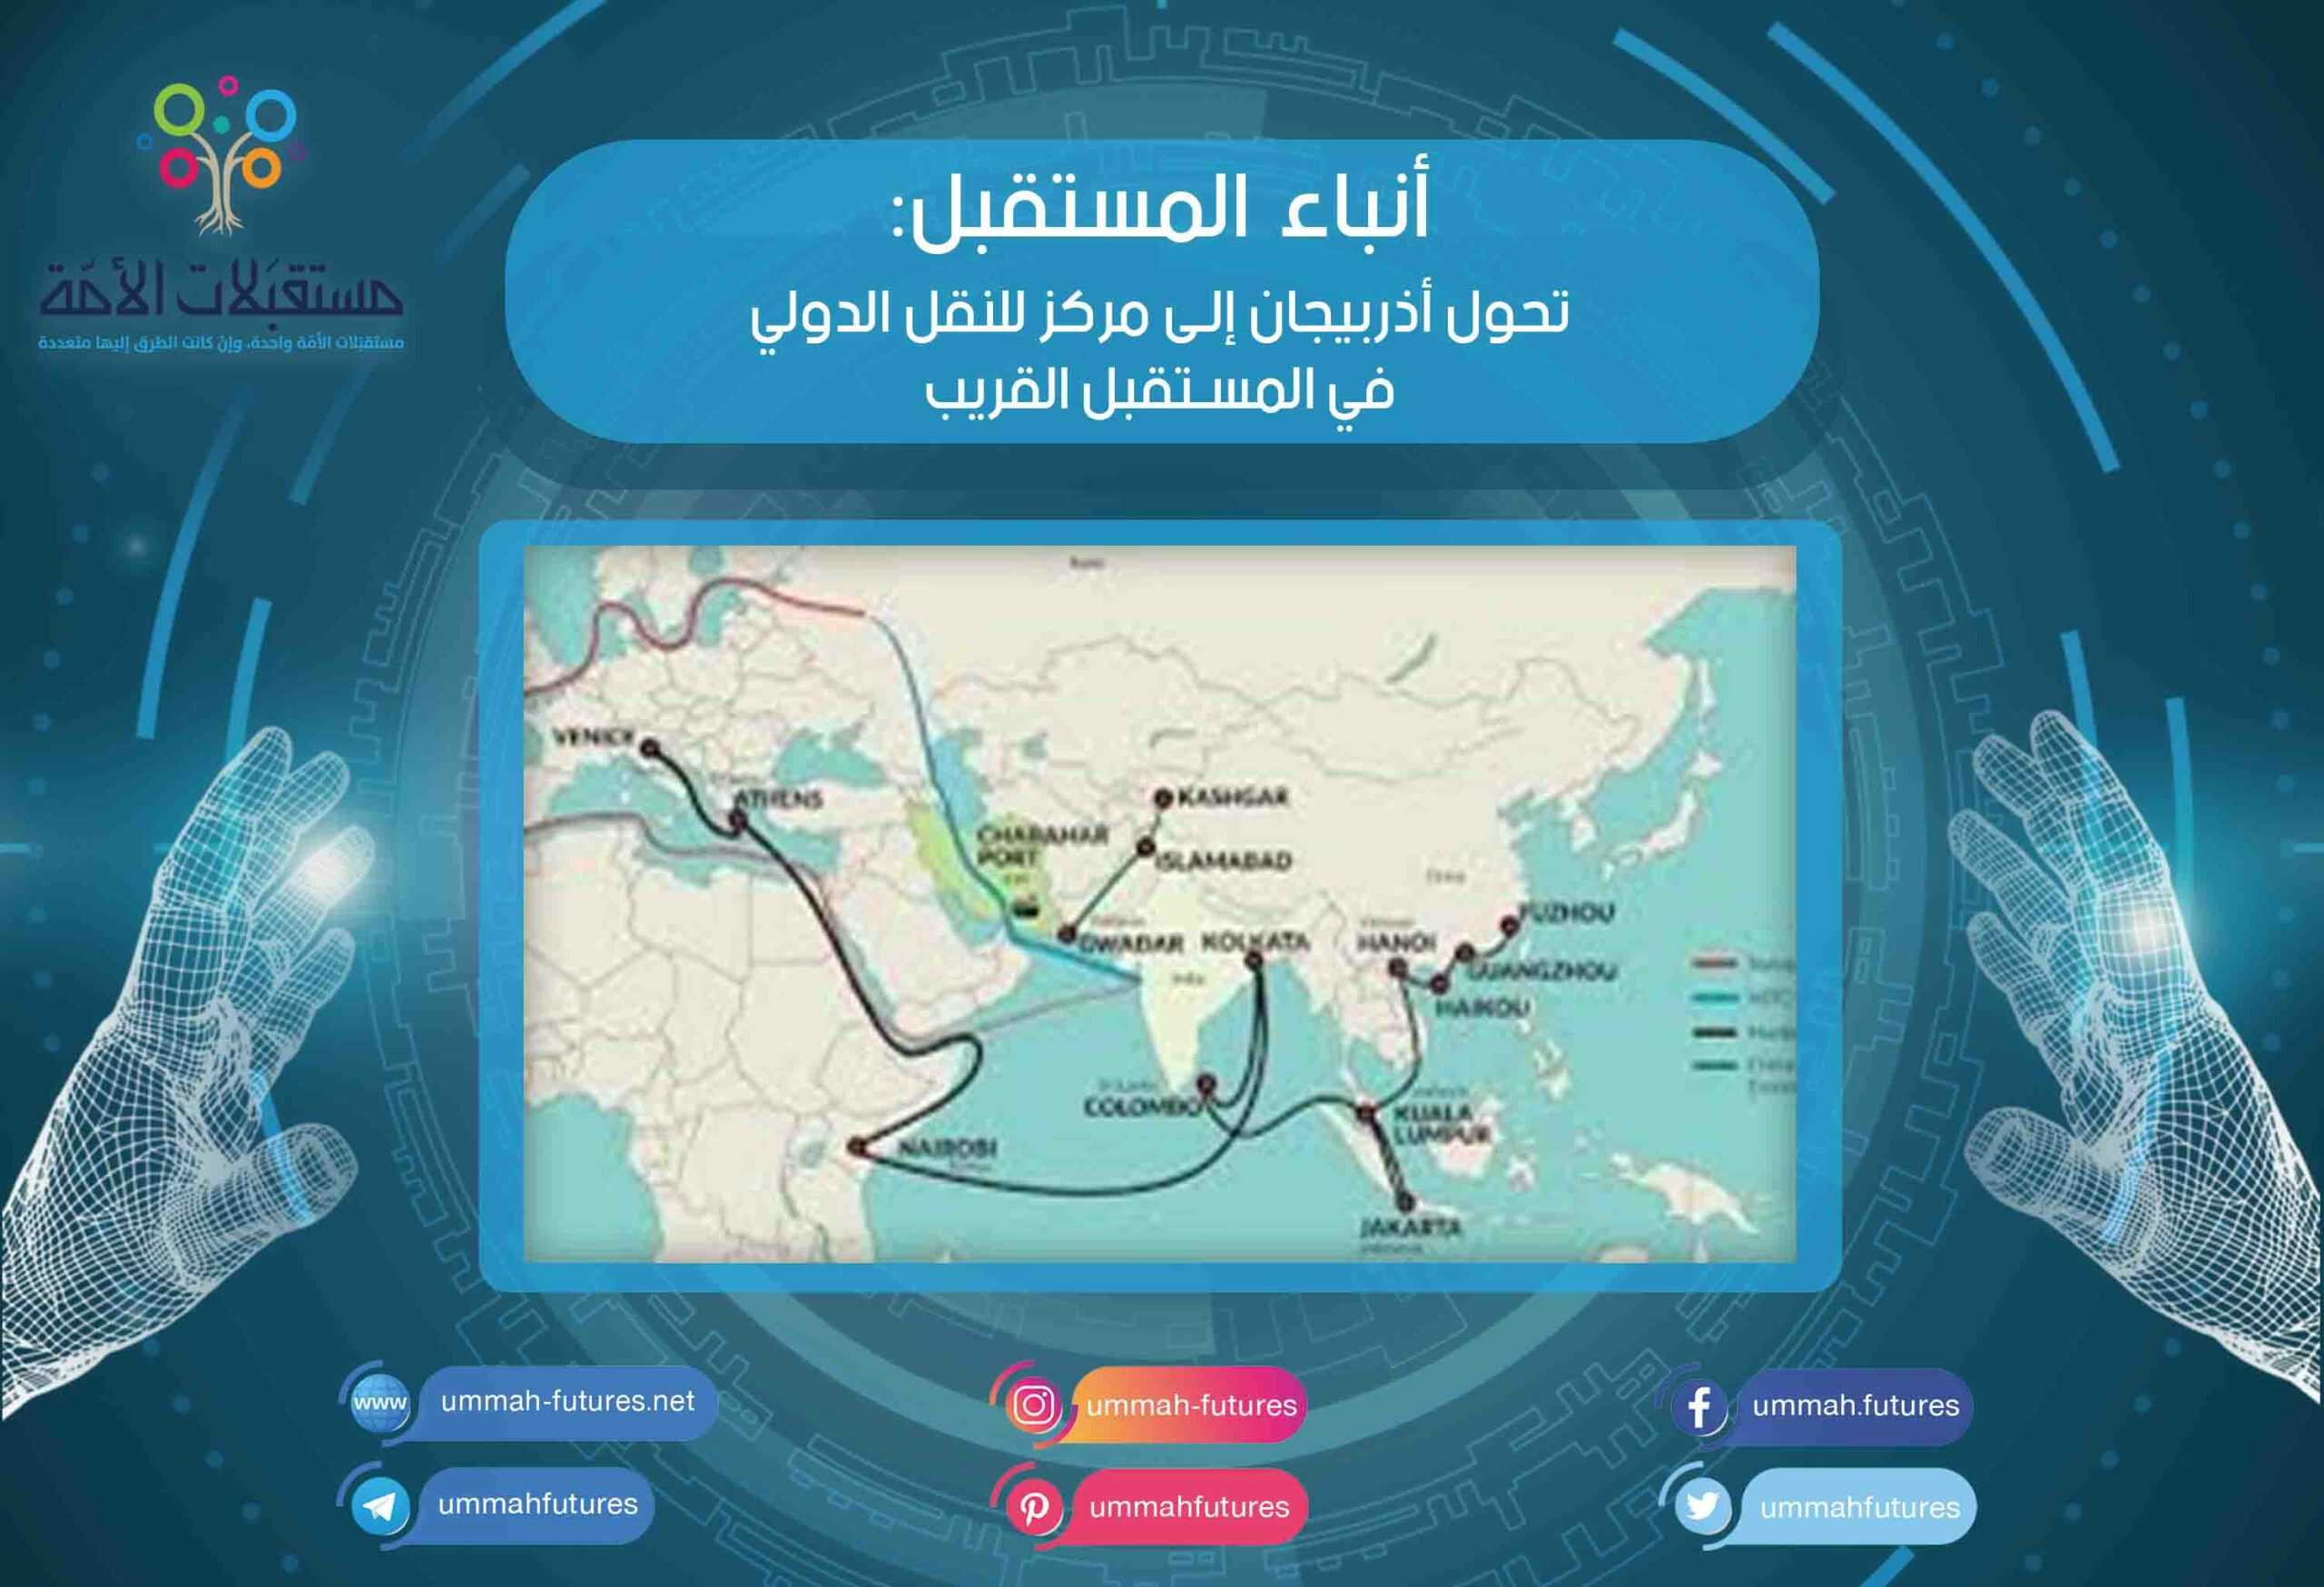 تحول أذربيجان إلى مركز للنقل الدولي في المستقبل القريب